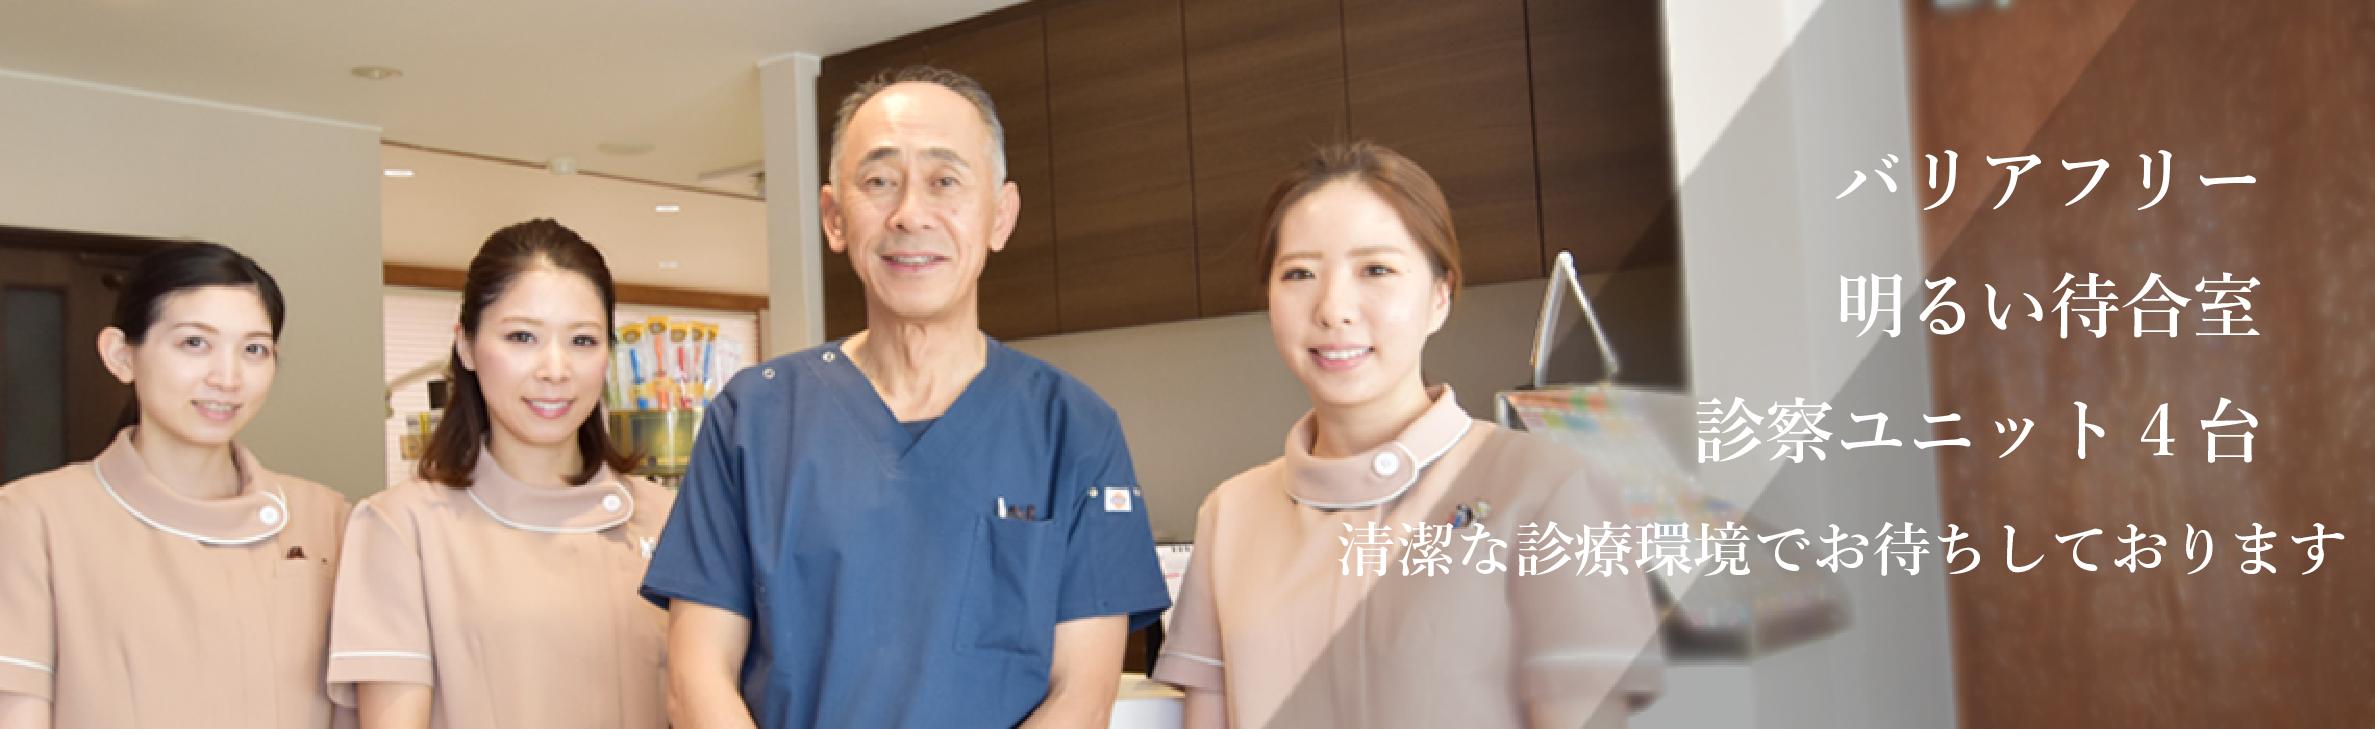 山内歯科クリニック 画像1